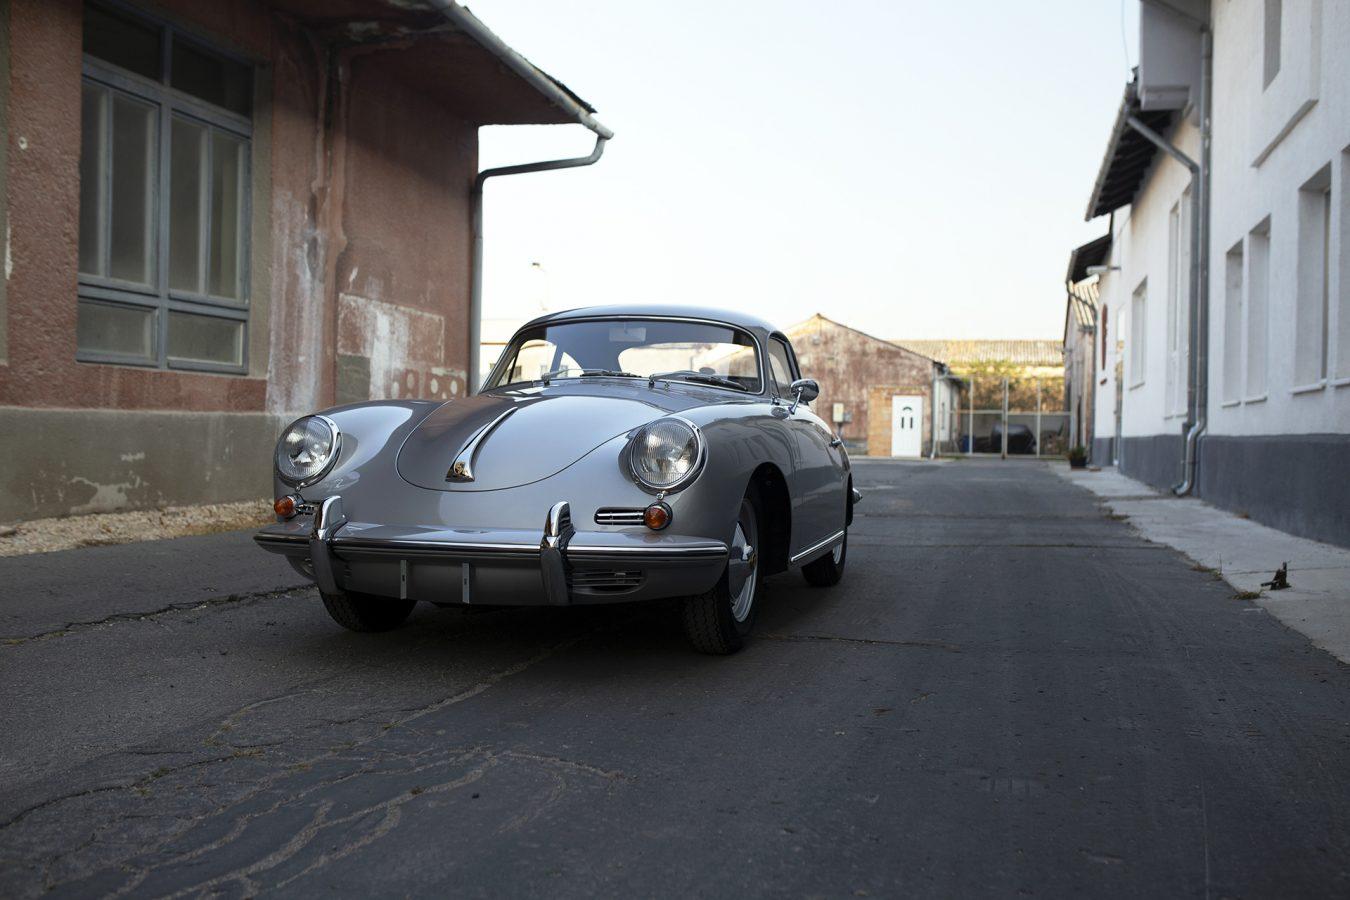 Silberner Porsche 356 BT5 in Einfahrt